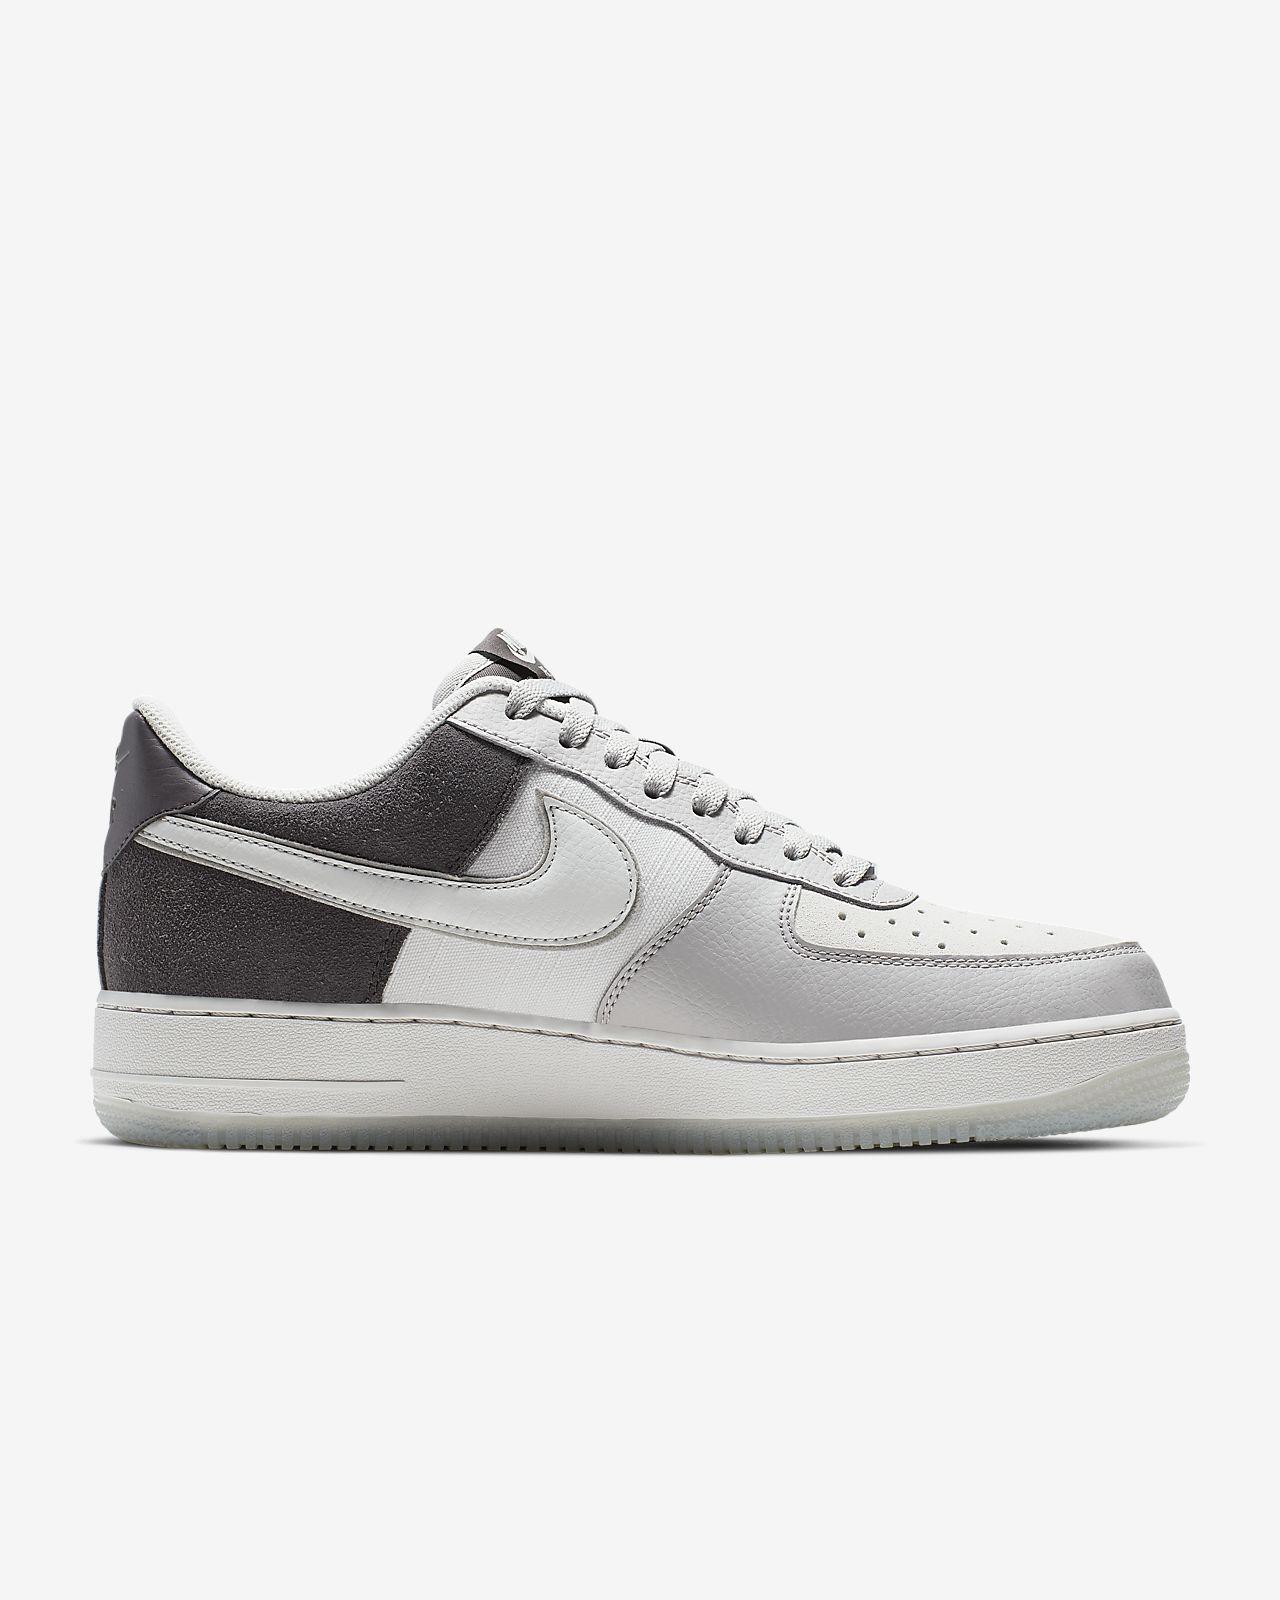 nouvelle collection 28d8a a905d Nike Air Force 1 '07 LV8 2 Men's Shoe